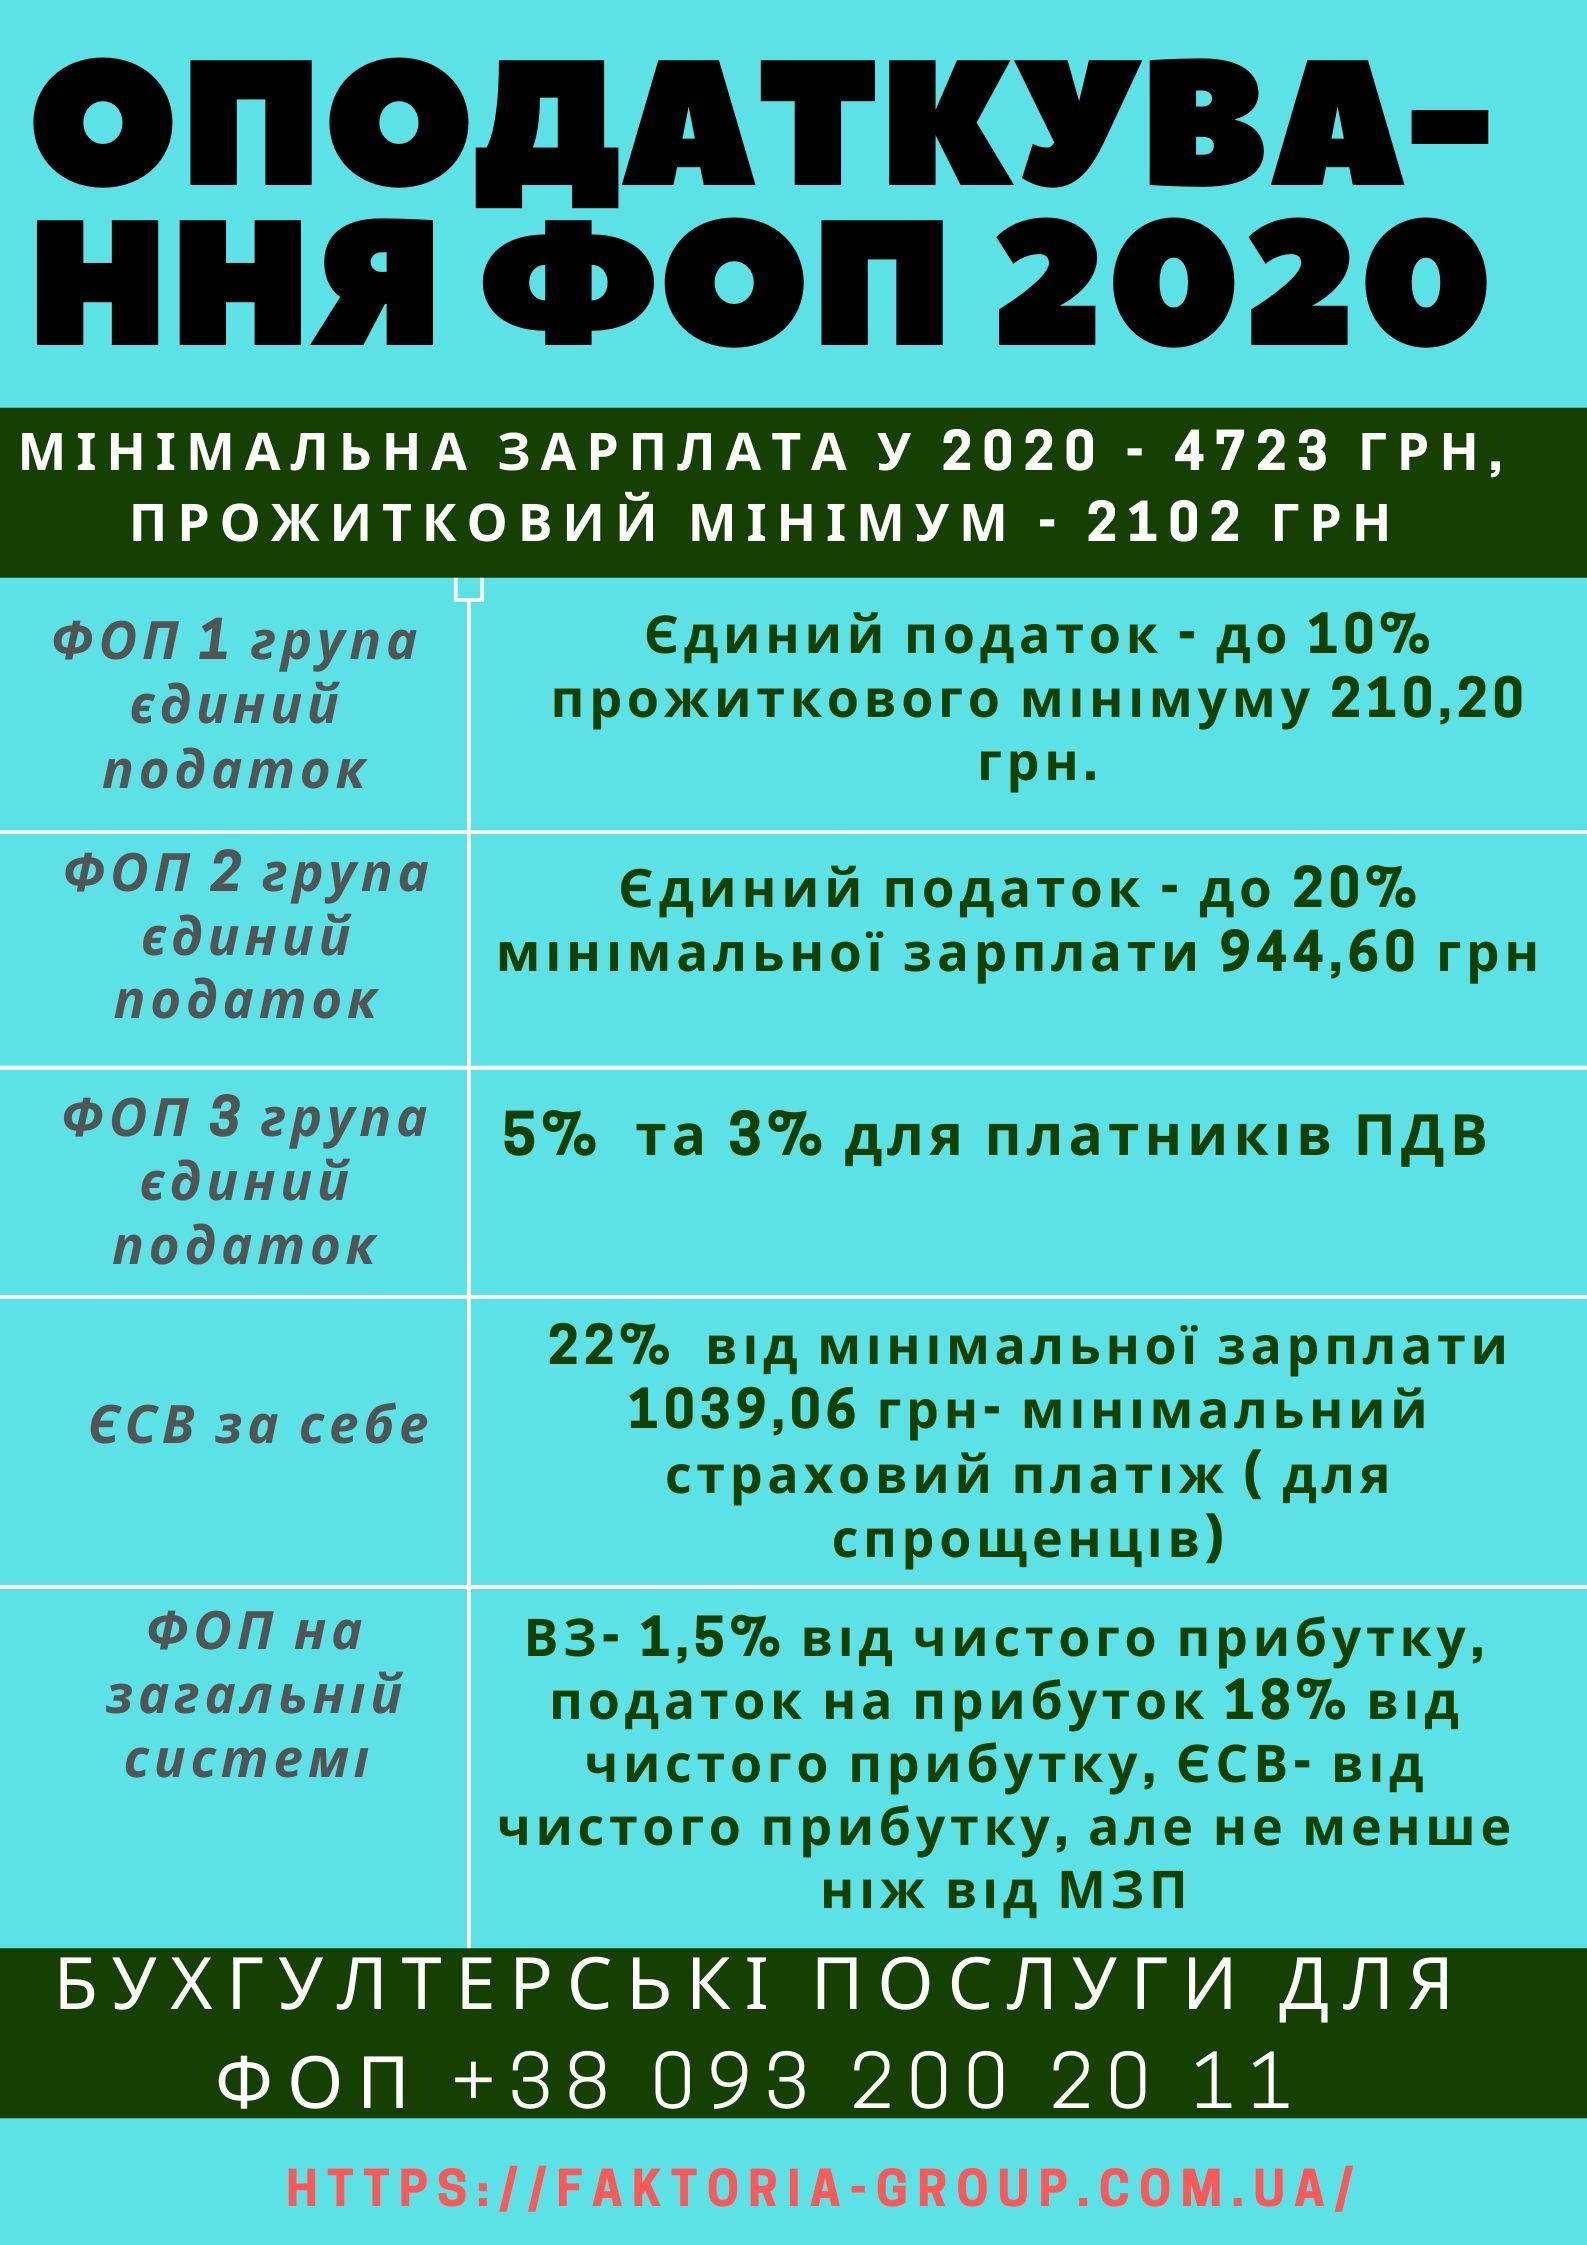 фоп налоги и ставки 2020